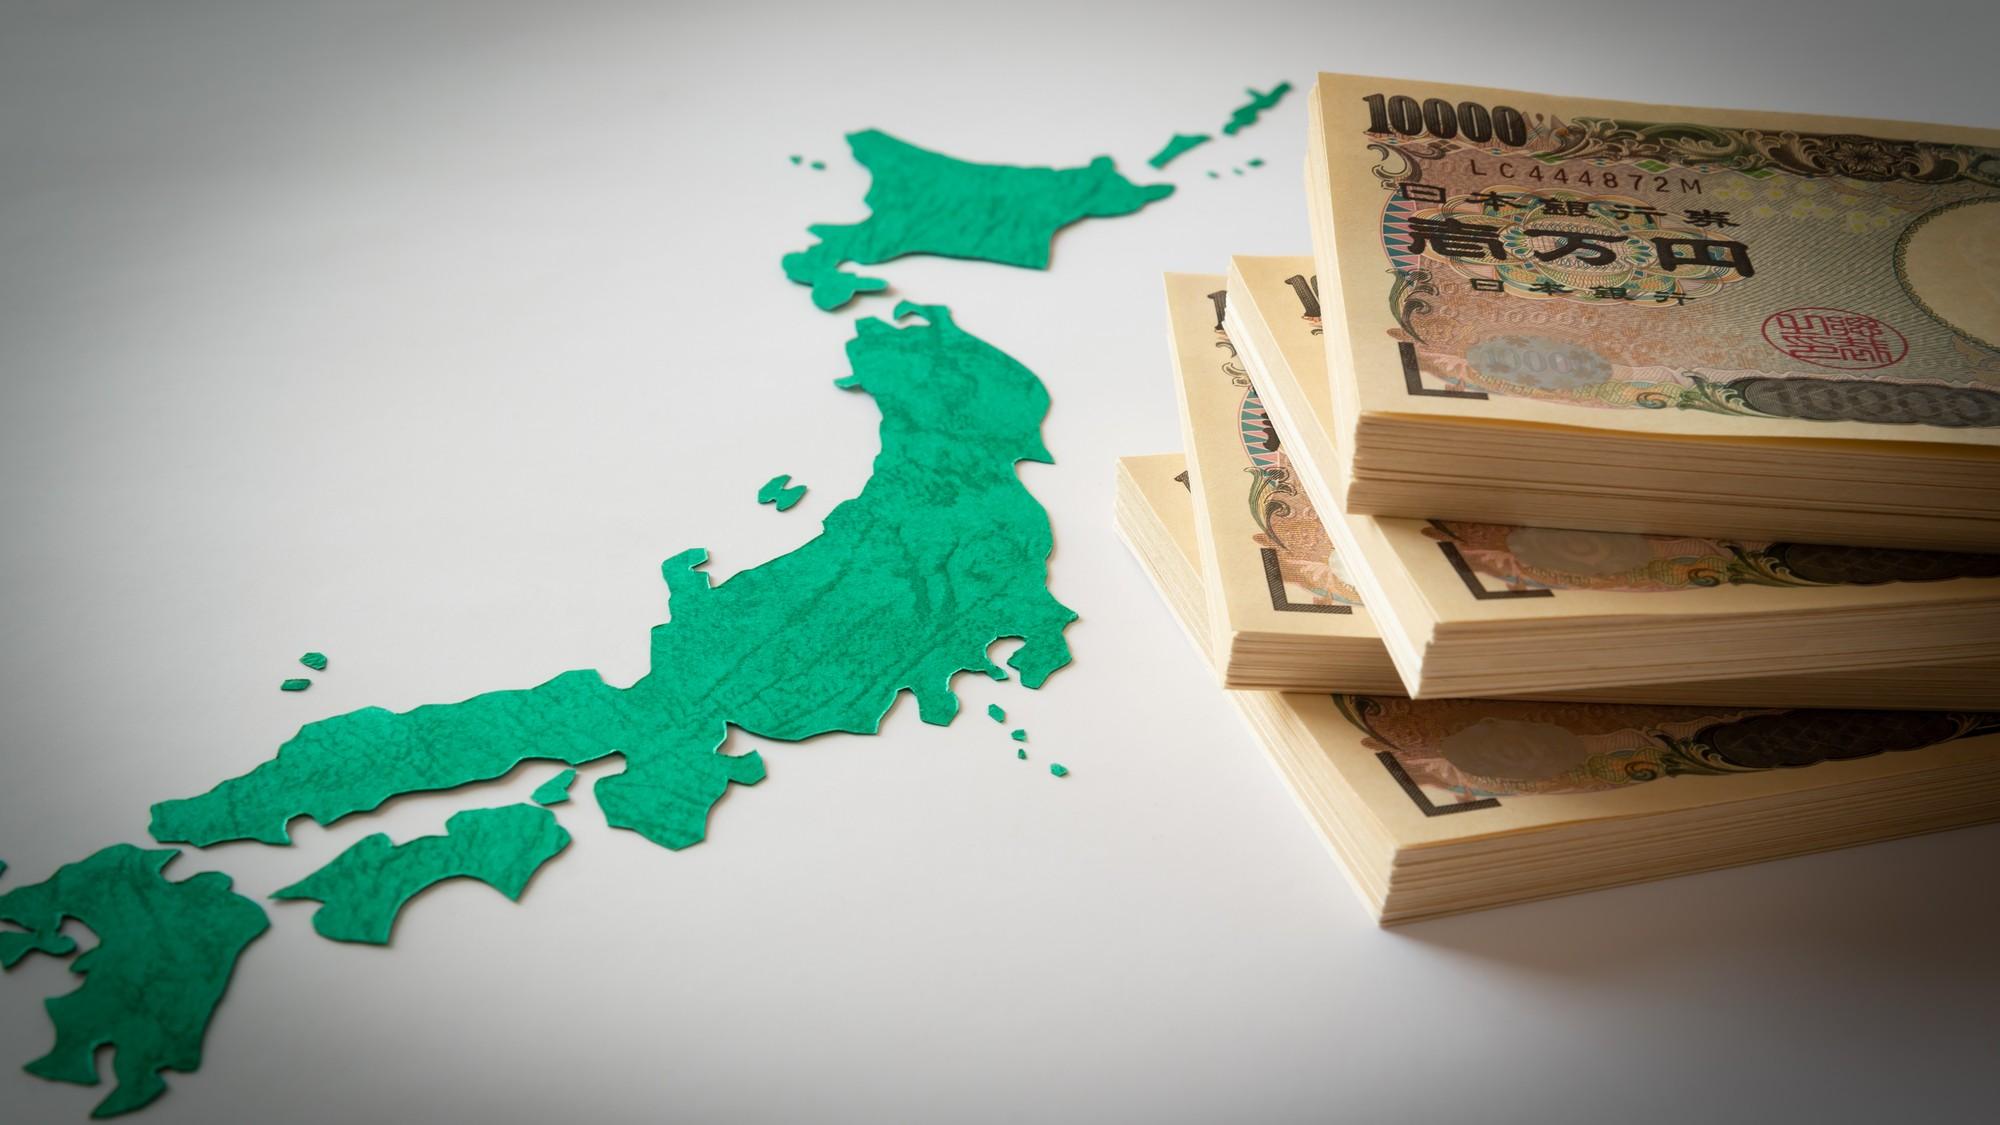 自治体・財政力ランキング…東京区部と市部で、意外な結果